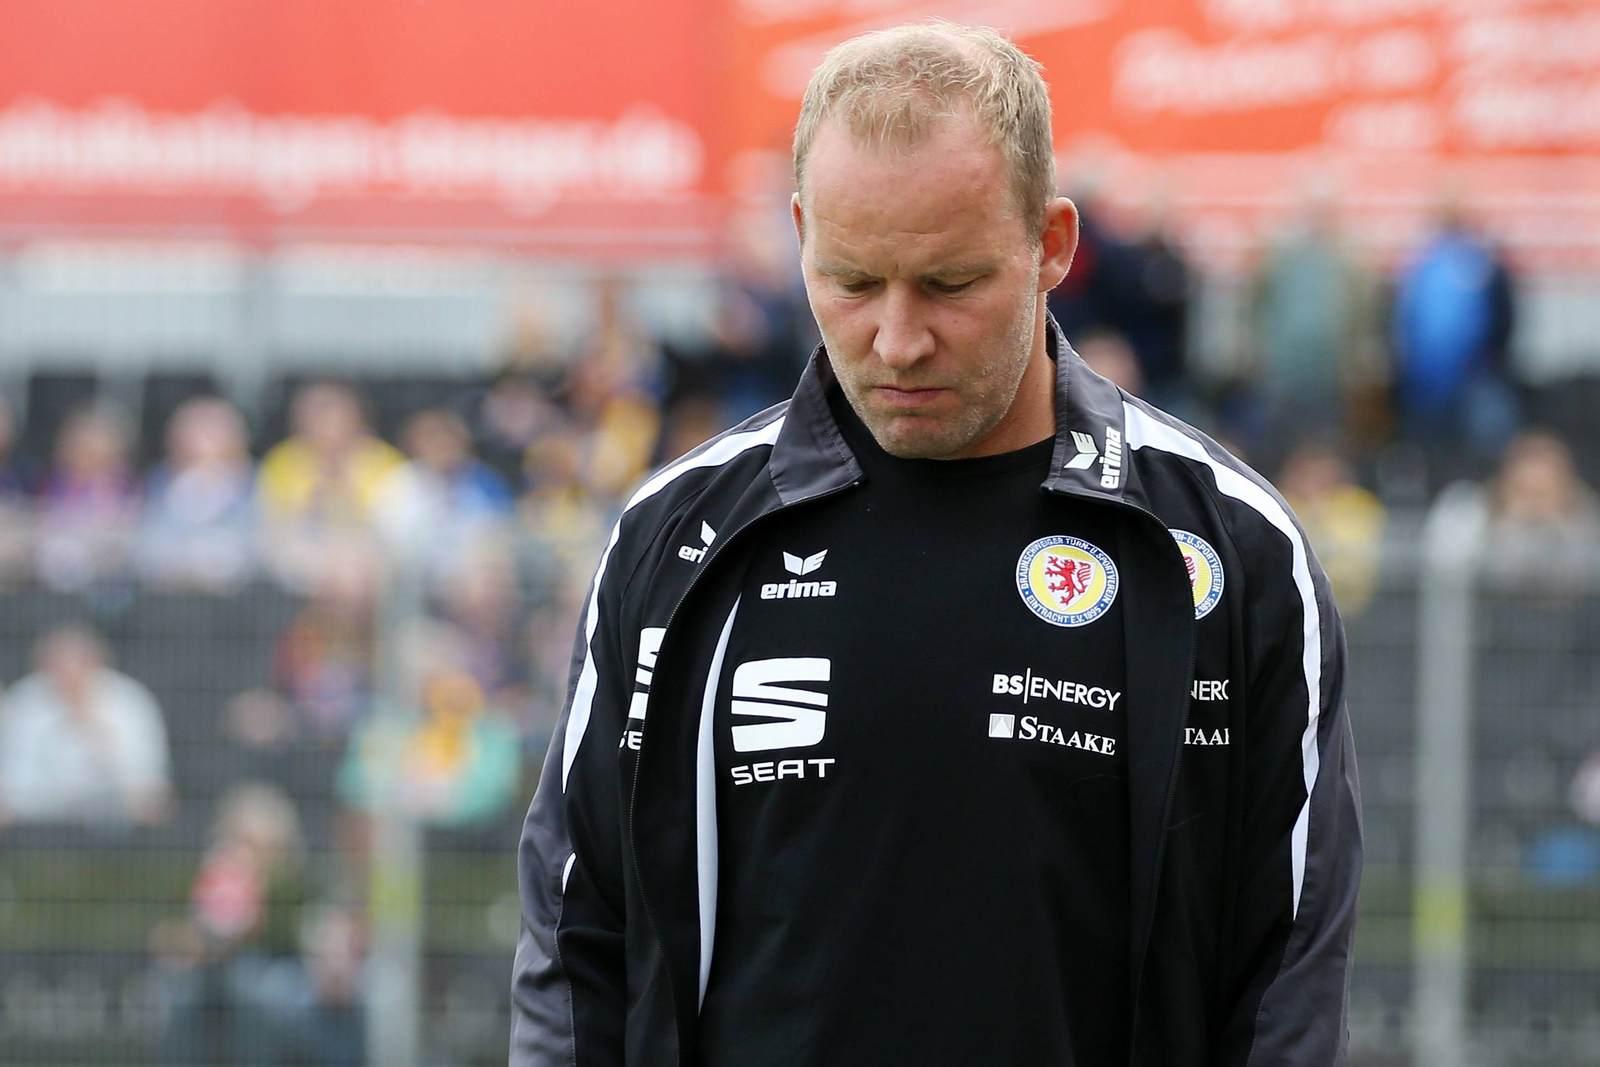 Henrik Pedersen nachdenklich gestimmt